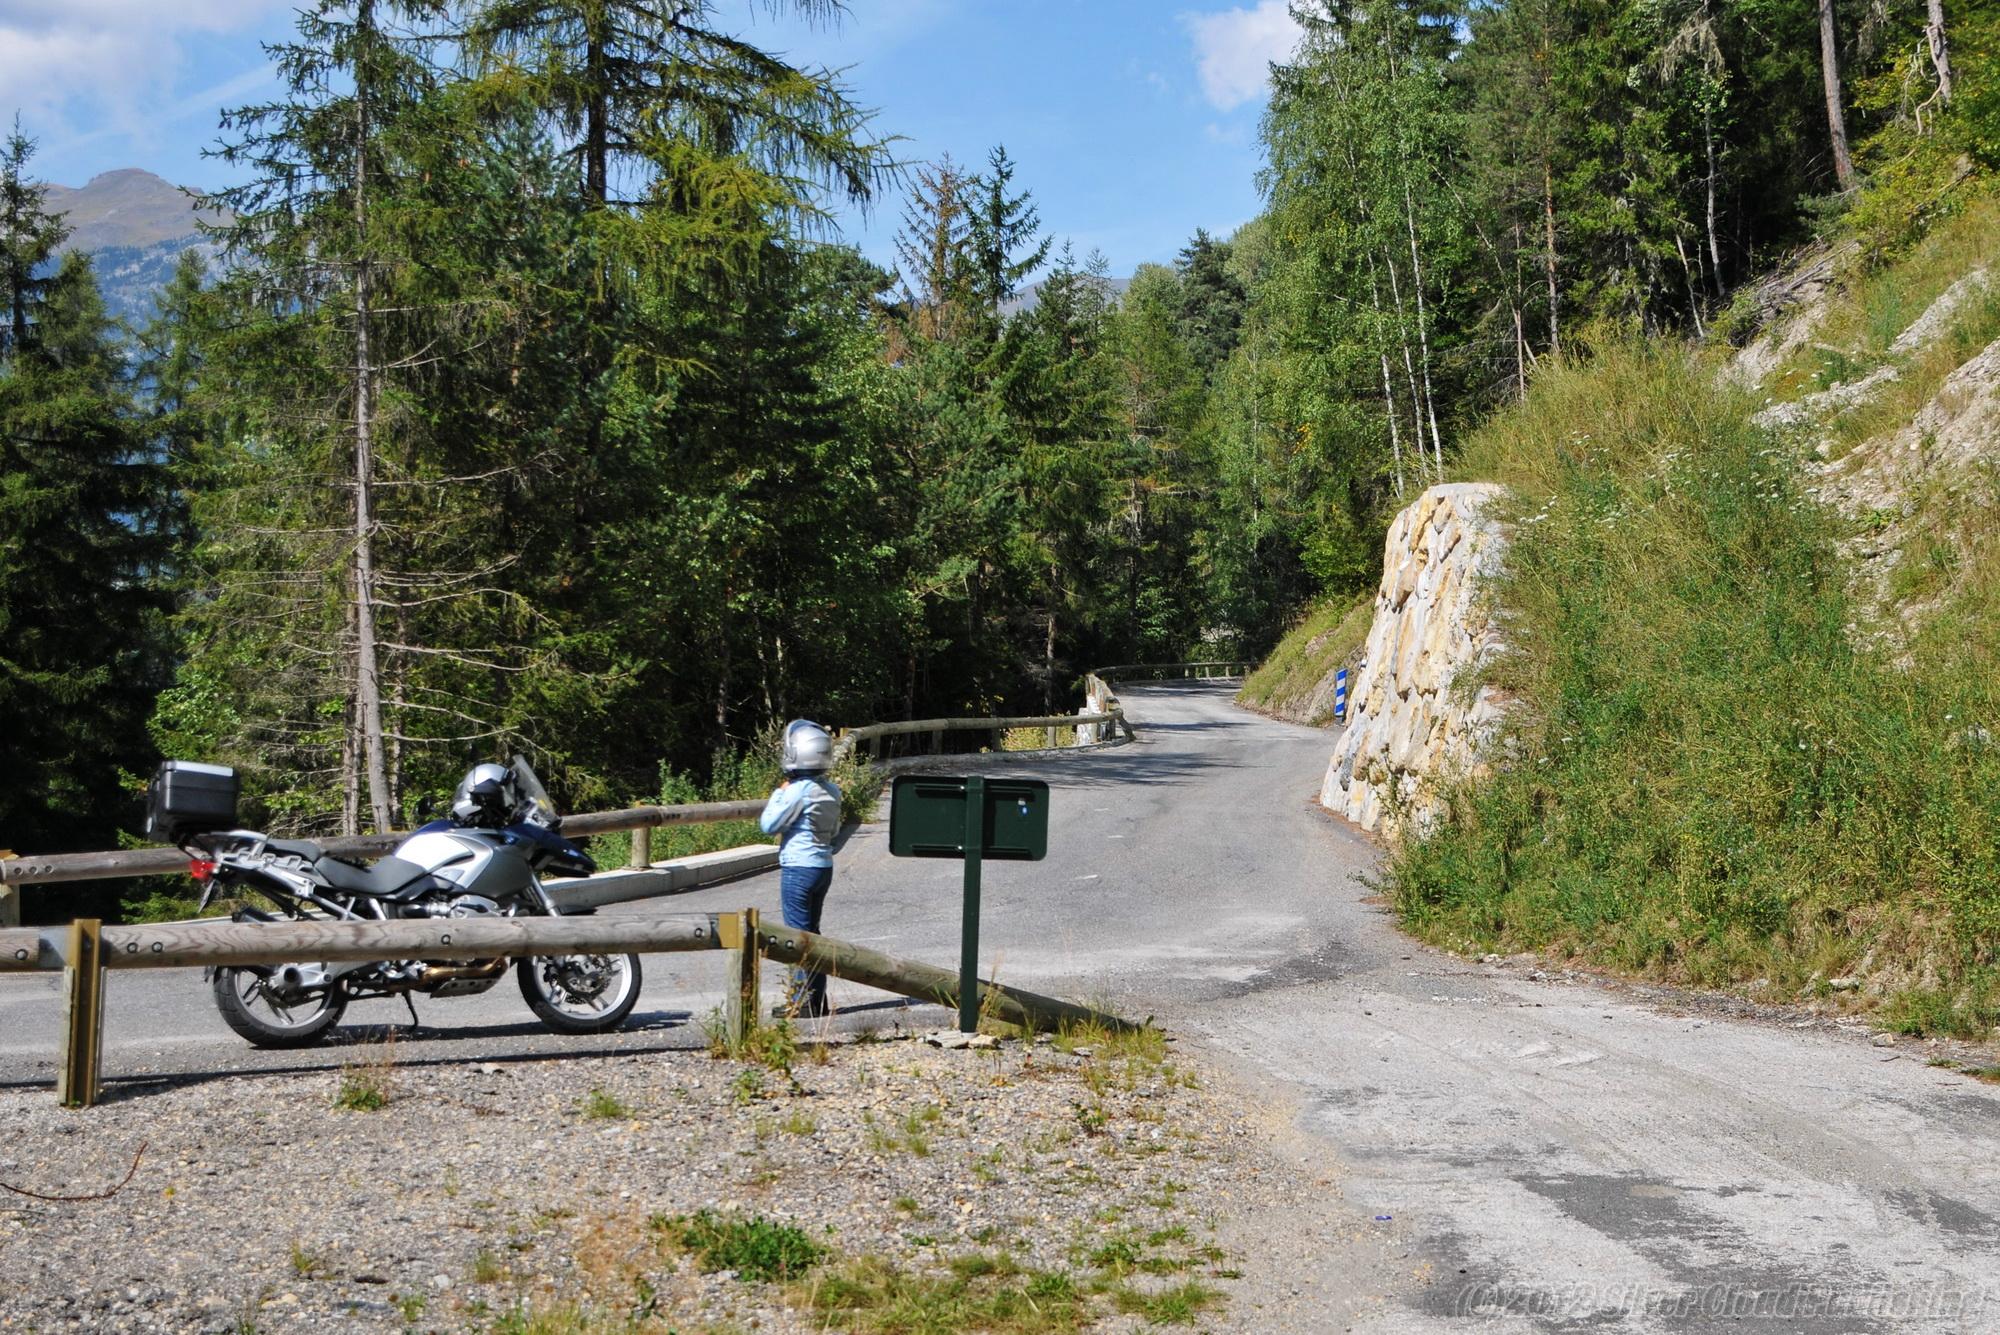 Near ND du Pre, Savoie